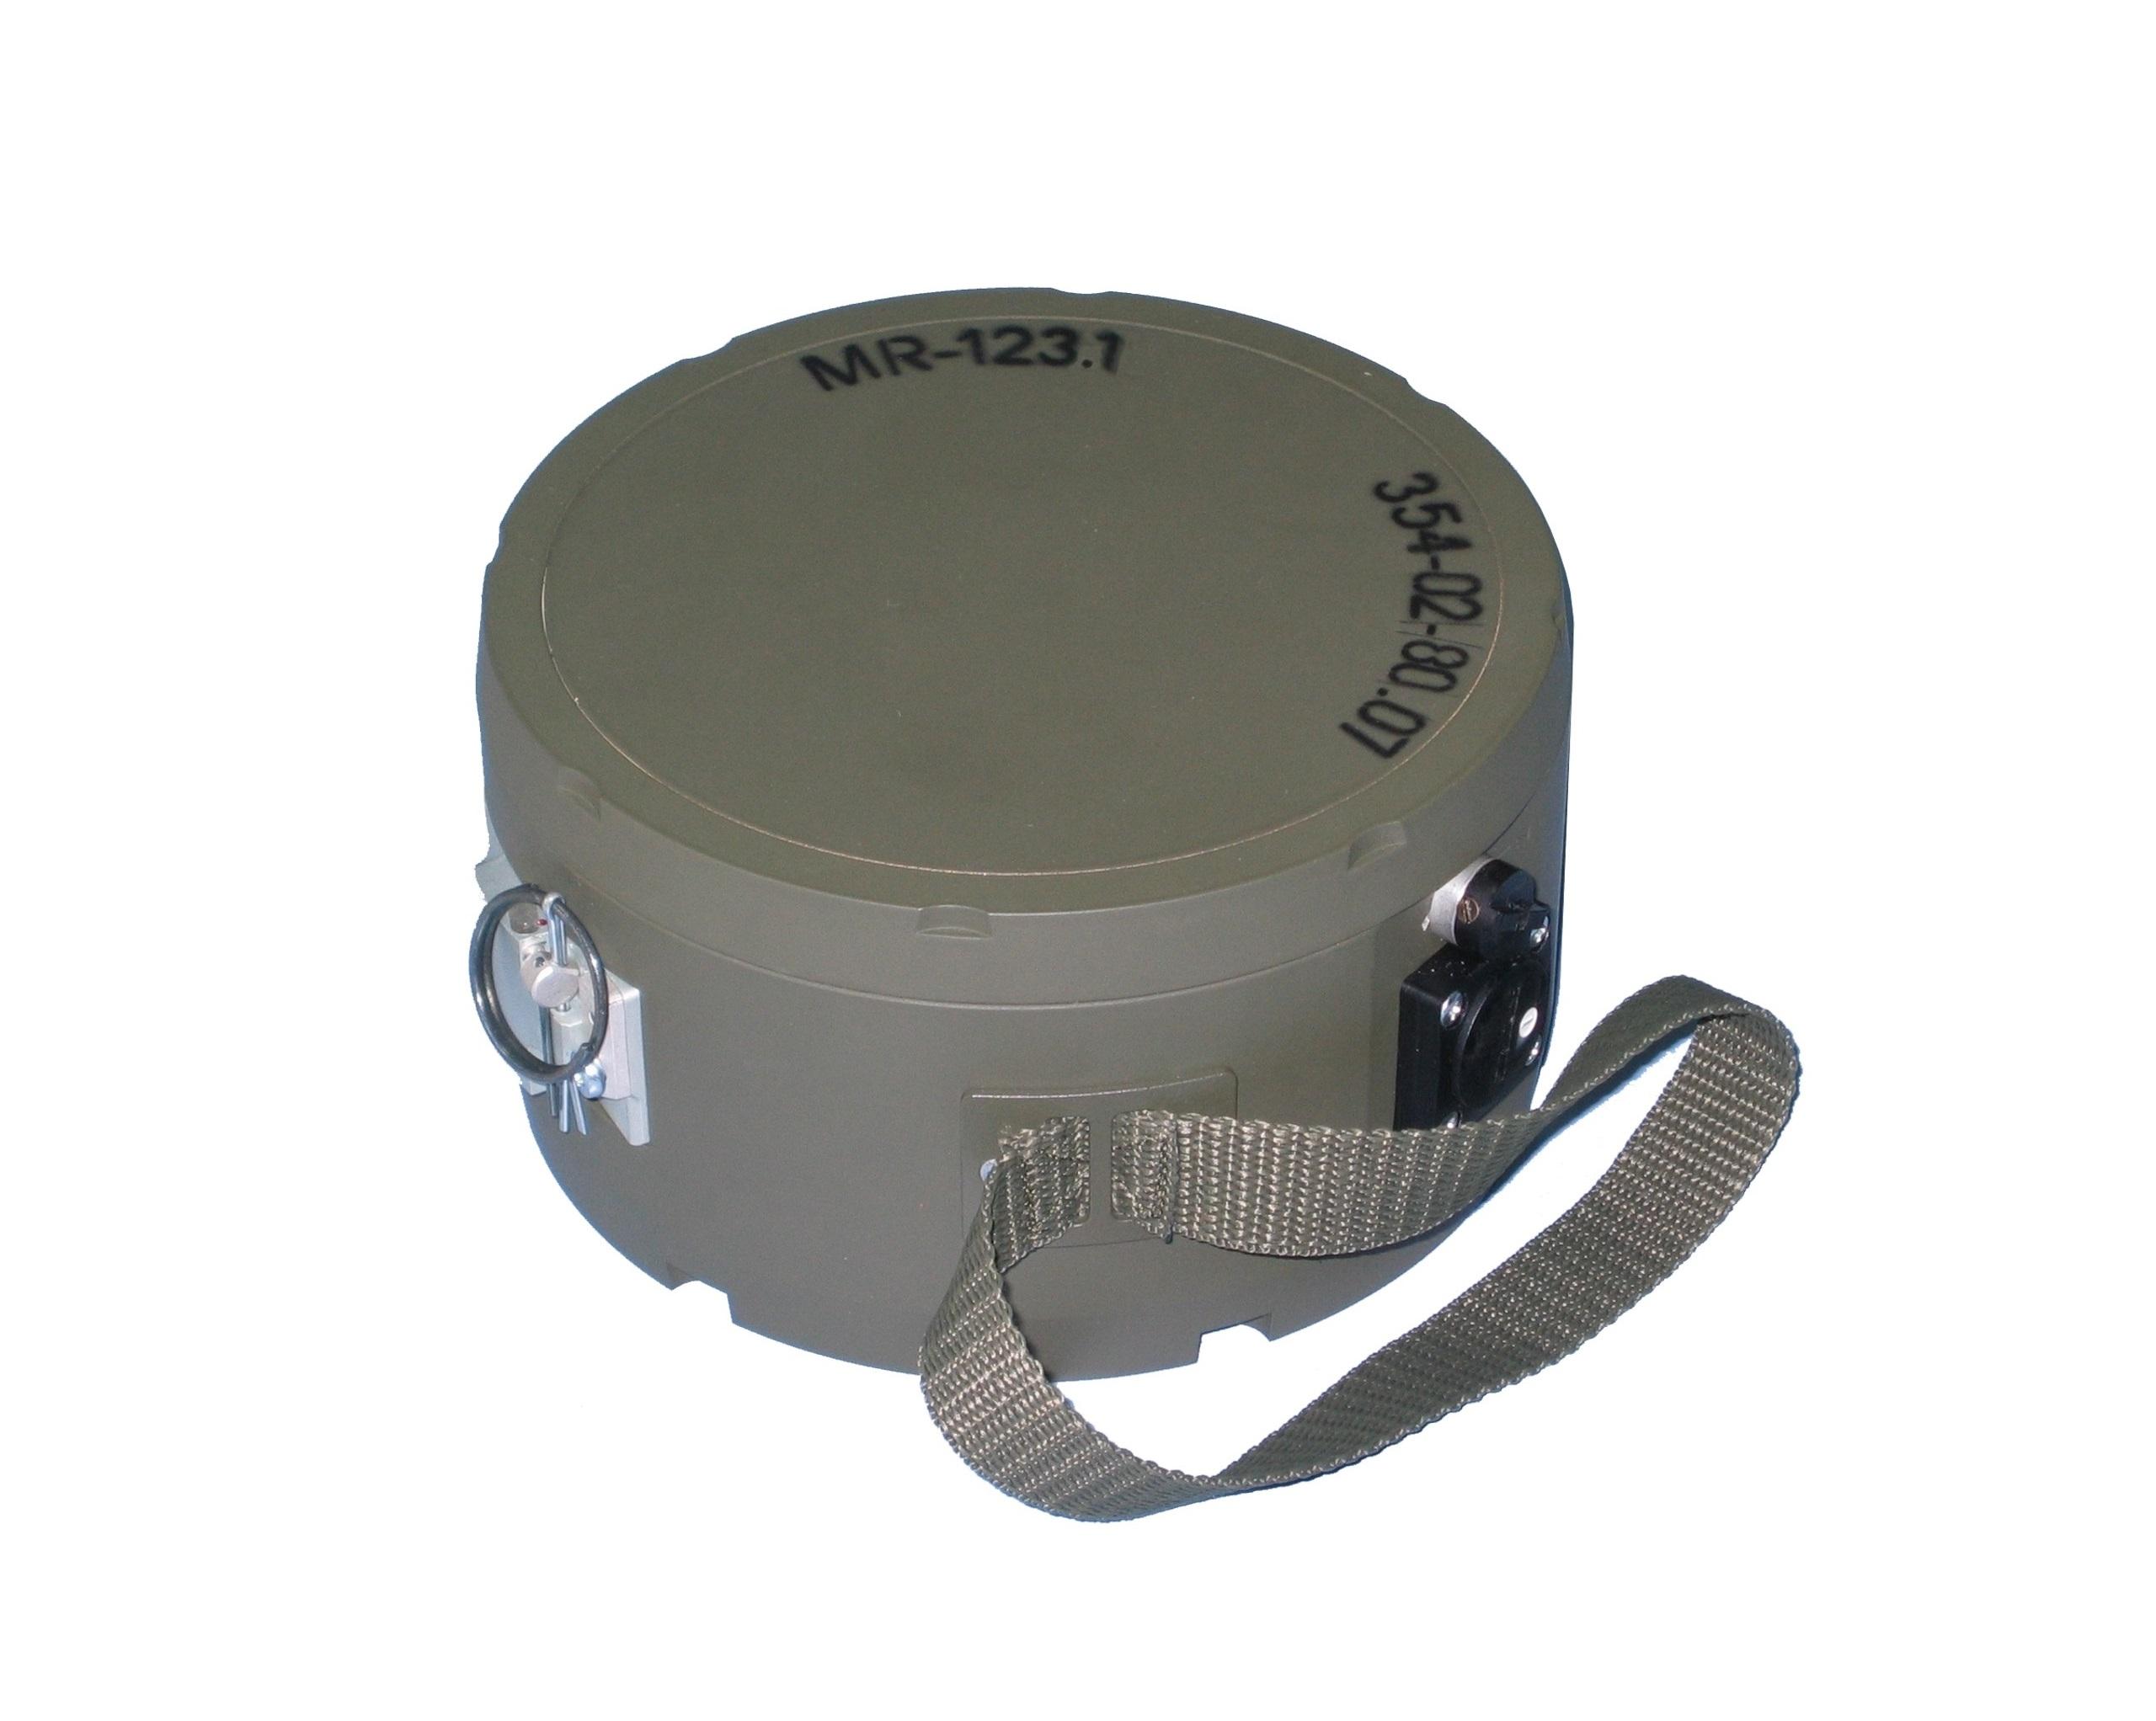 Mina przeciwpancerna do ustawiania ręcznego bojowa MR-123